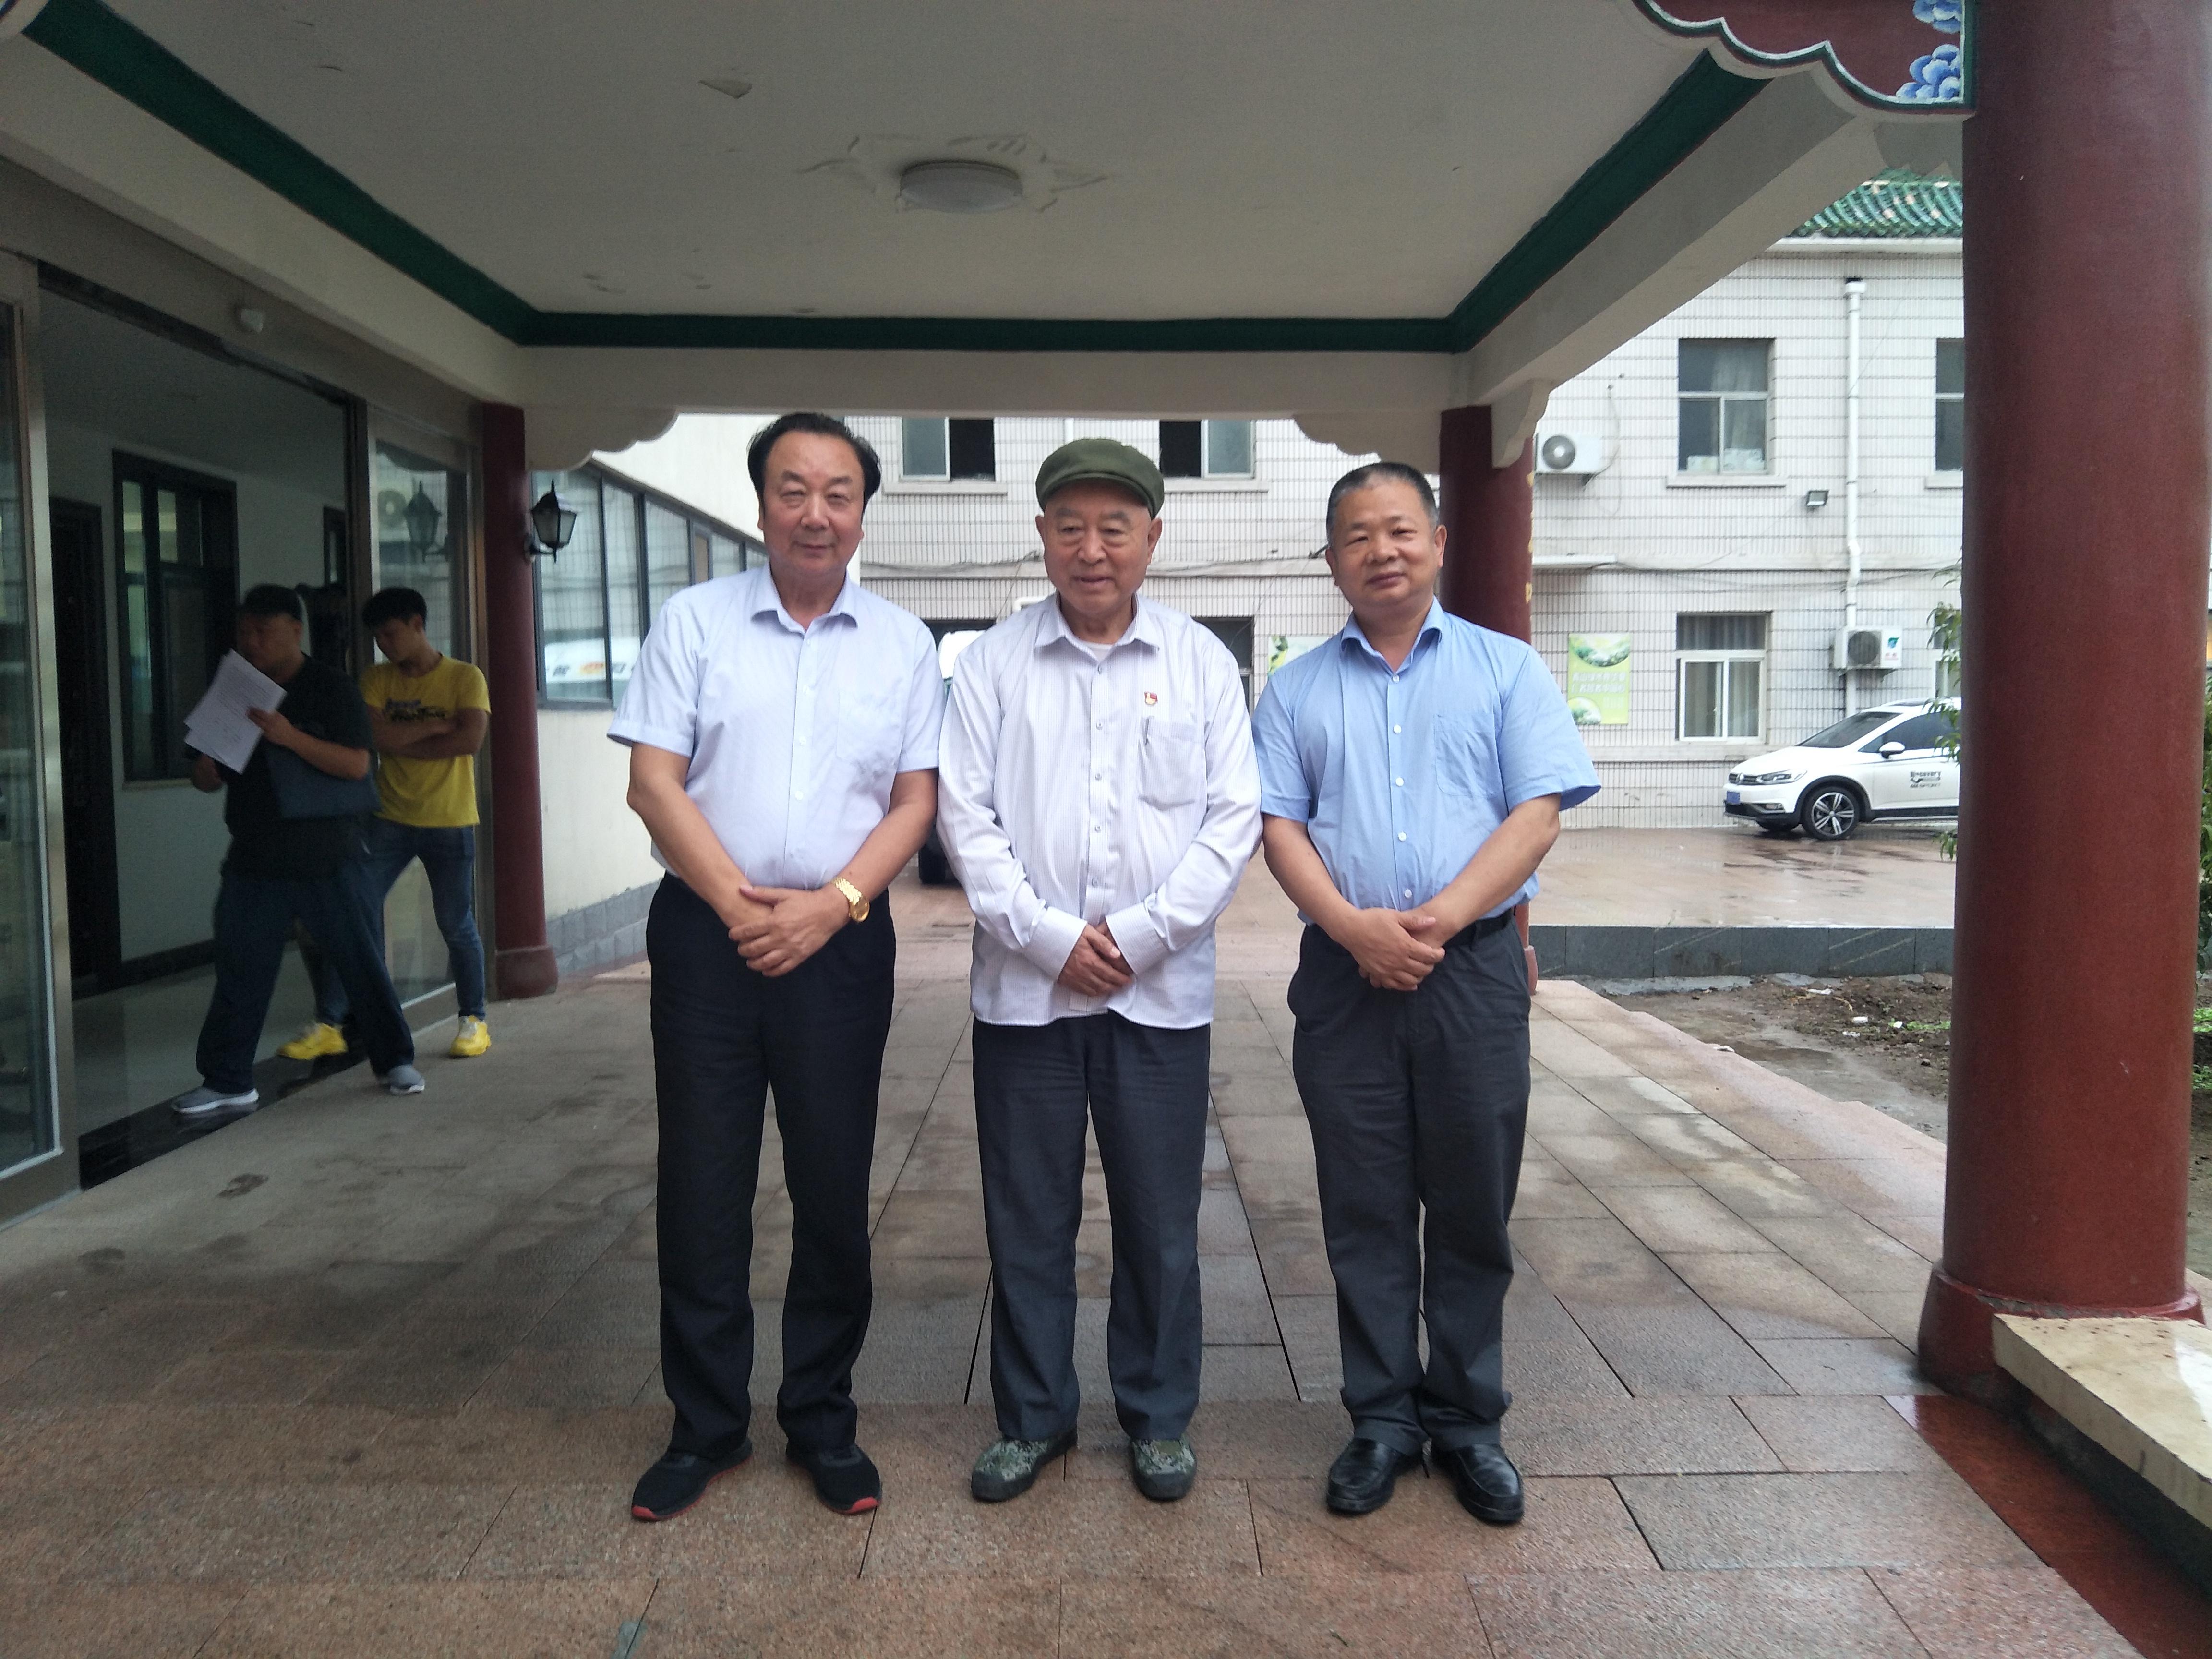 全国优秀乡镇党委书记吴金印会见普法中心领导就中国法治乡村建设工作进行交流